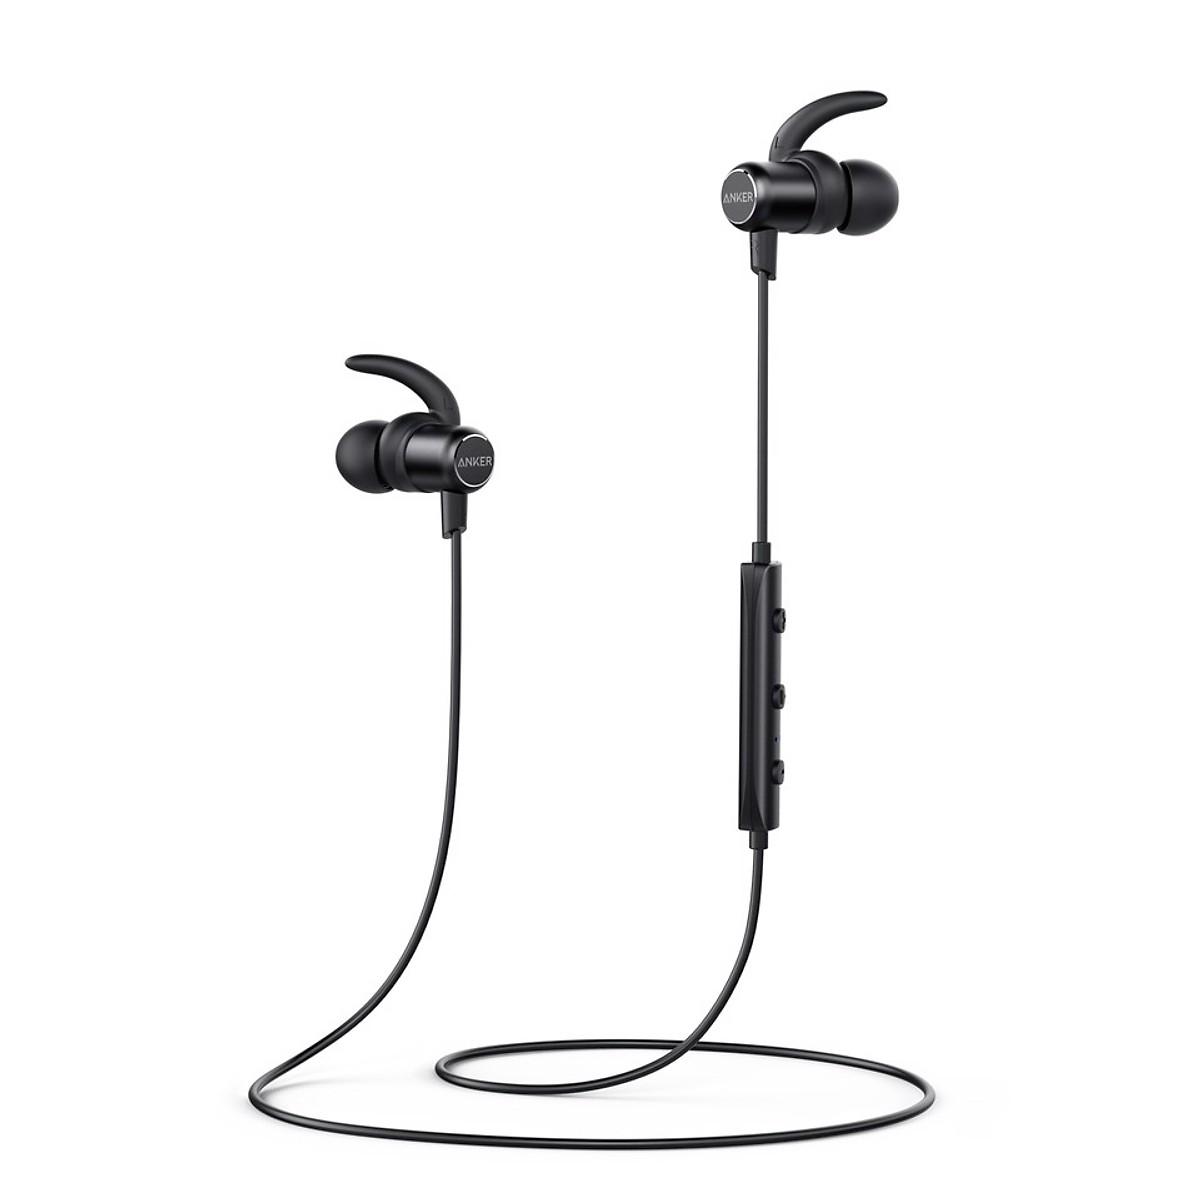 Tai Nghe Bluetooth Nhét Tai Anker SoundBuds Slim A3235 - Hàng Nhập Khẩu - Tai  nghe Bluetooth nhét Tai